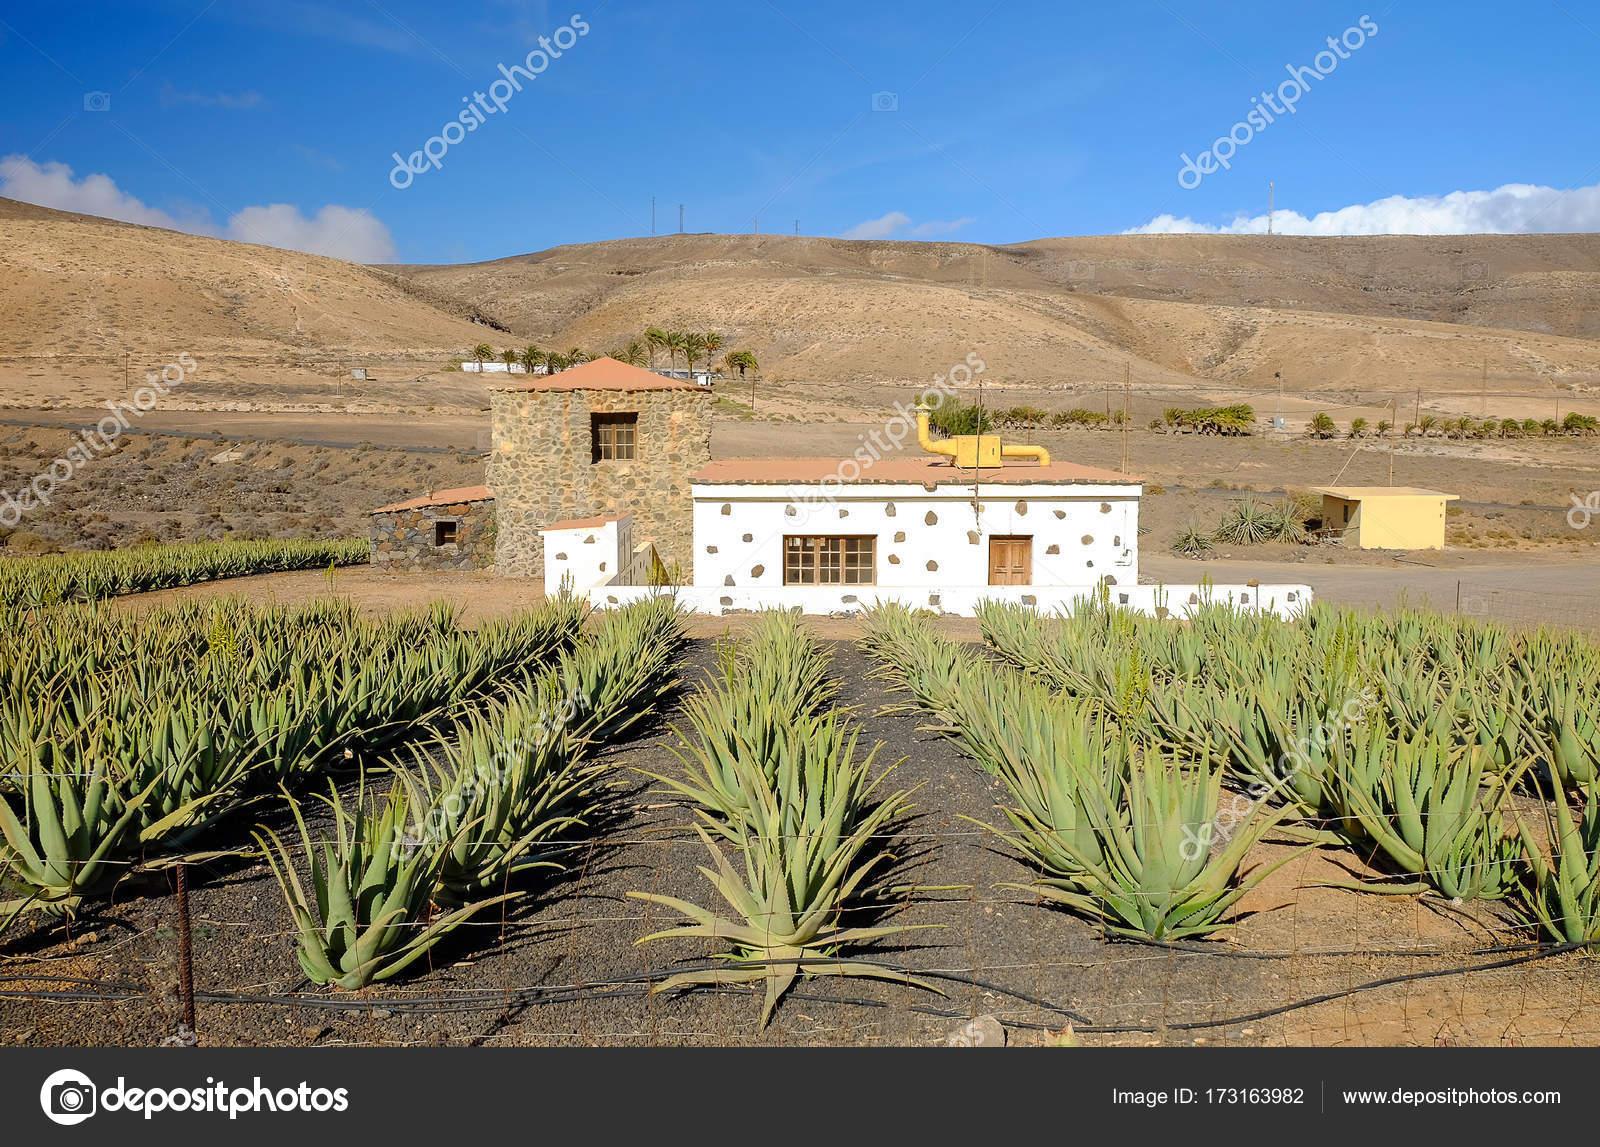 Aloe vera fattoria su fuerteventura isole canarie foto for Piani di fattoria georgiana